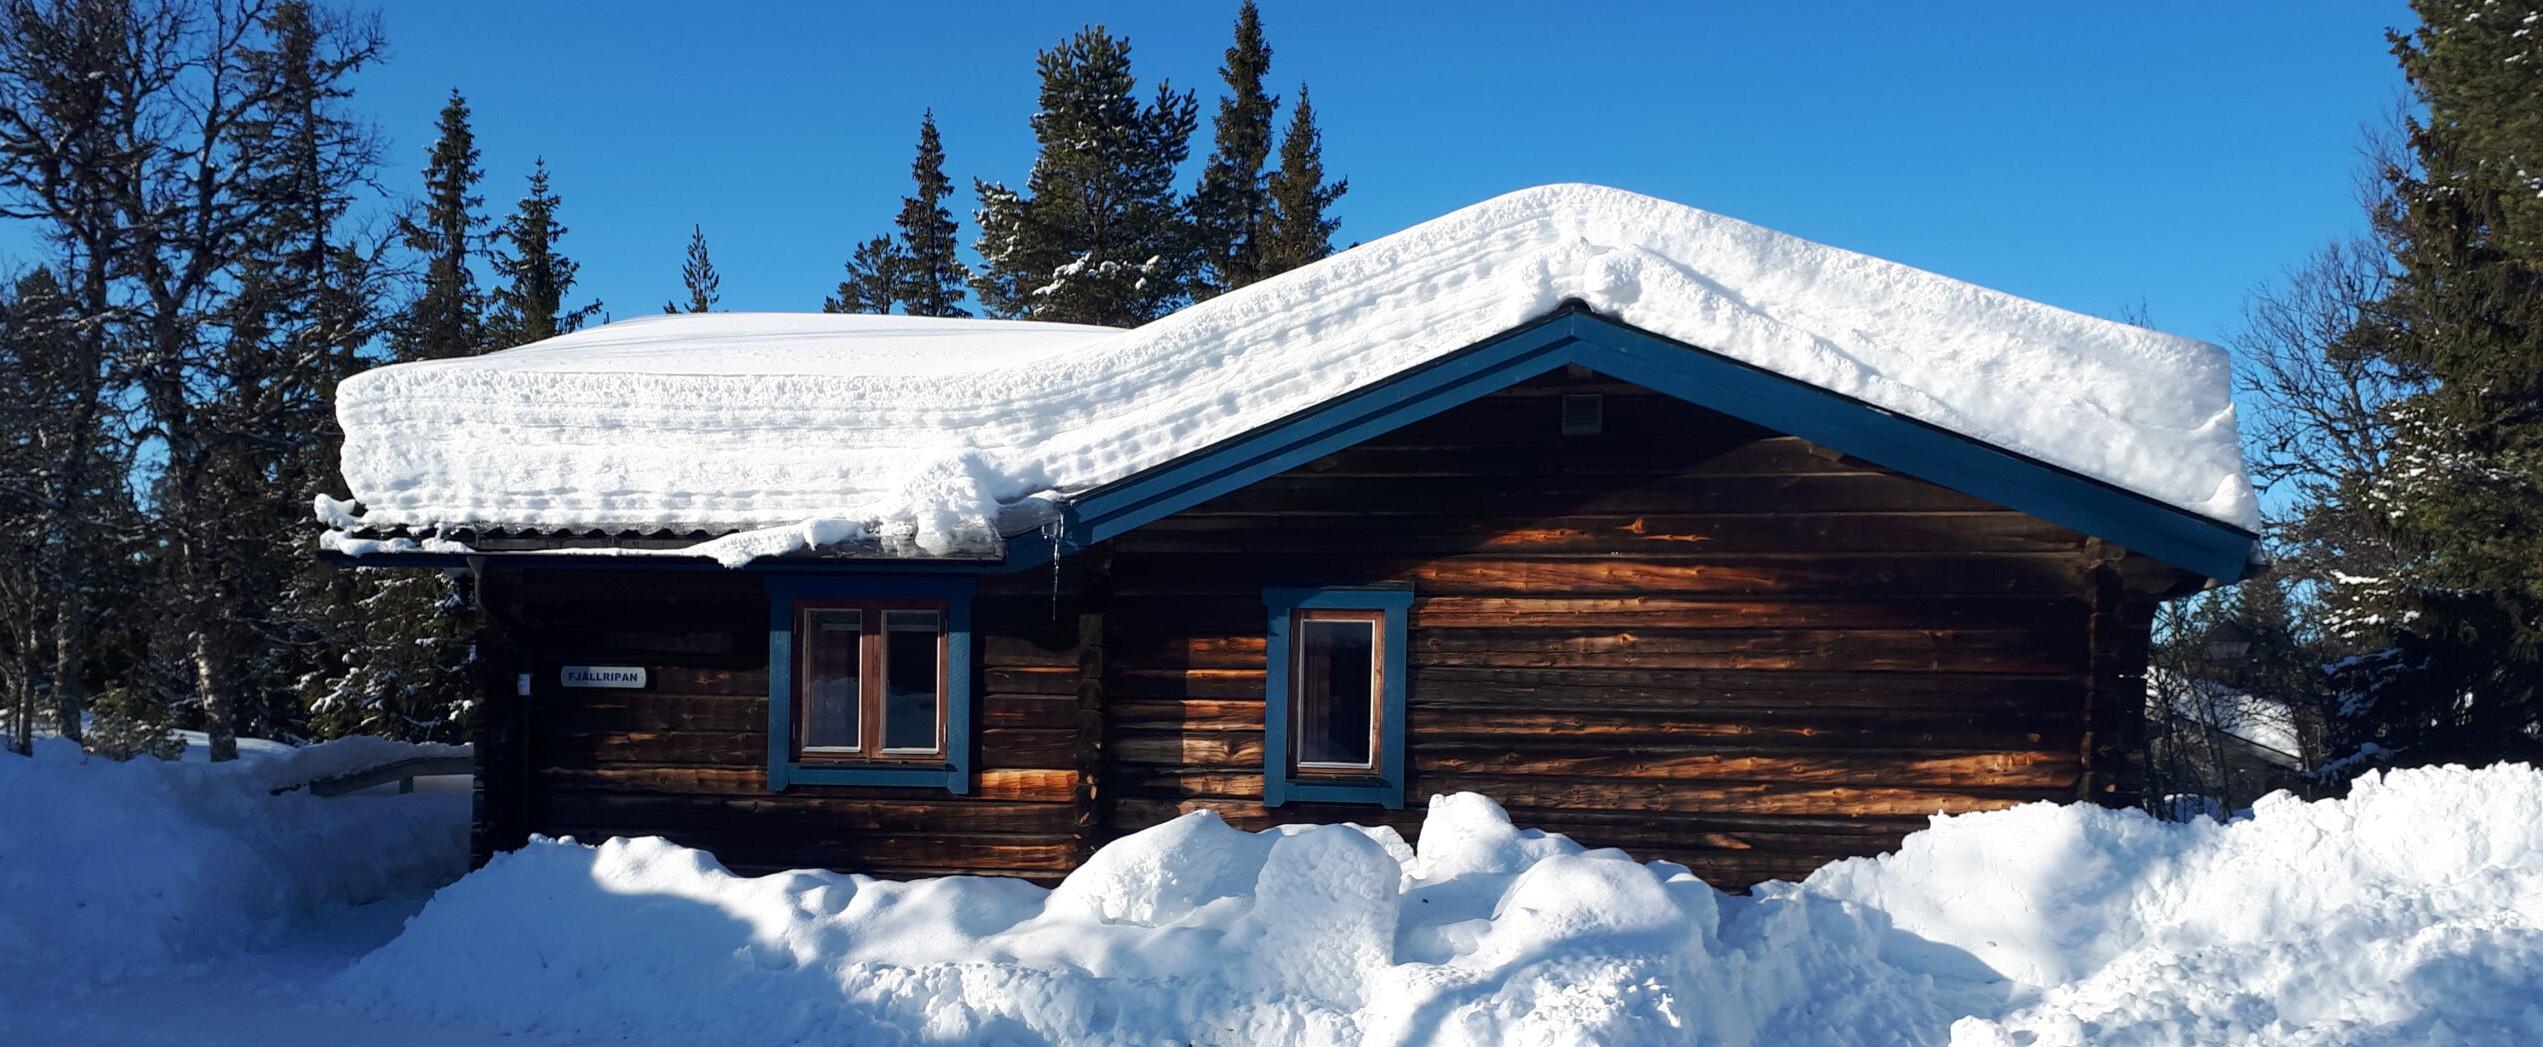 Fjällripan (The Snow Grouse)